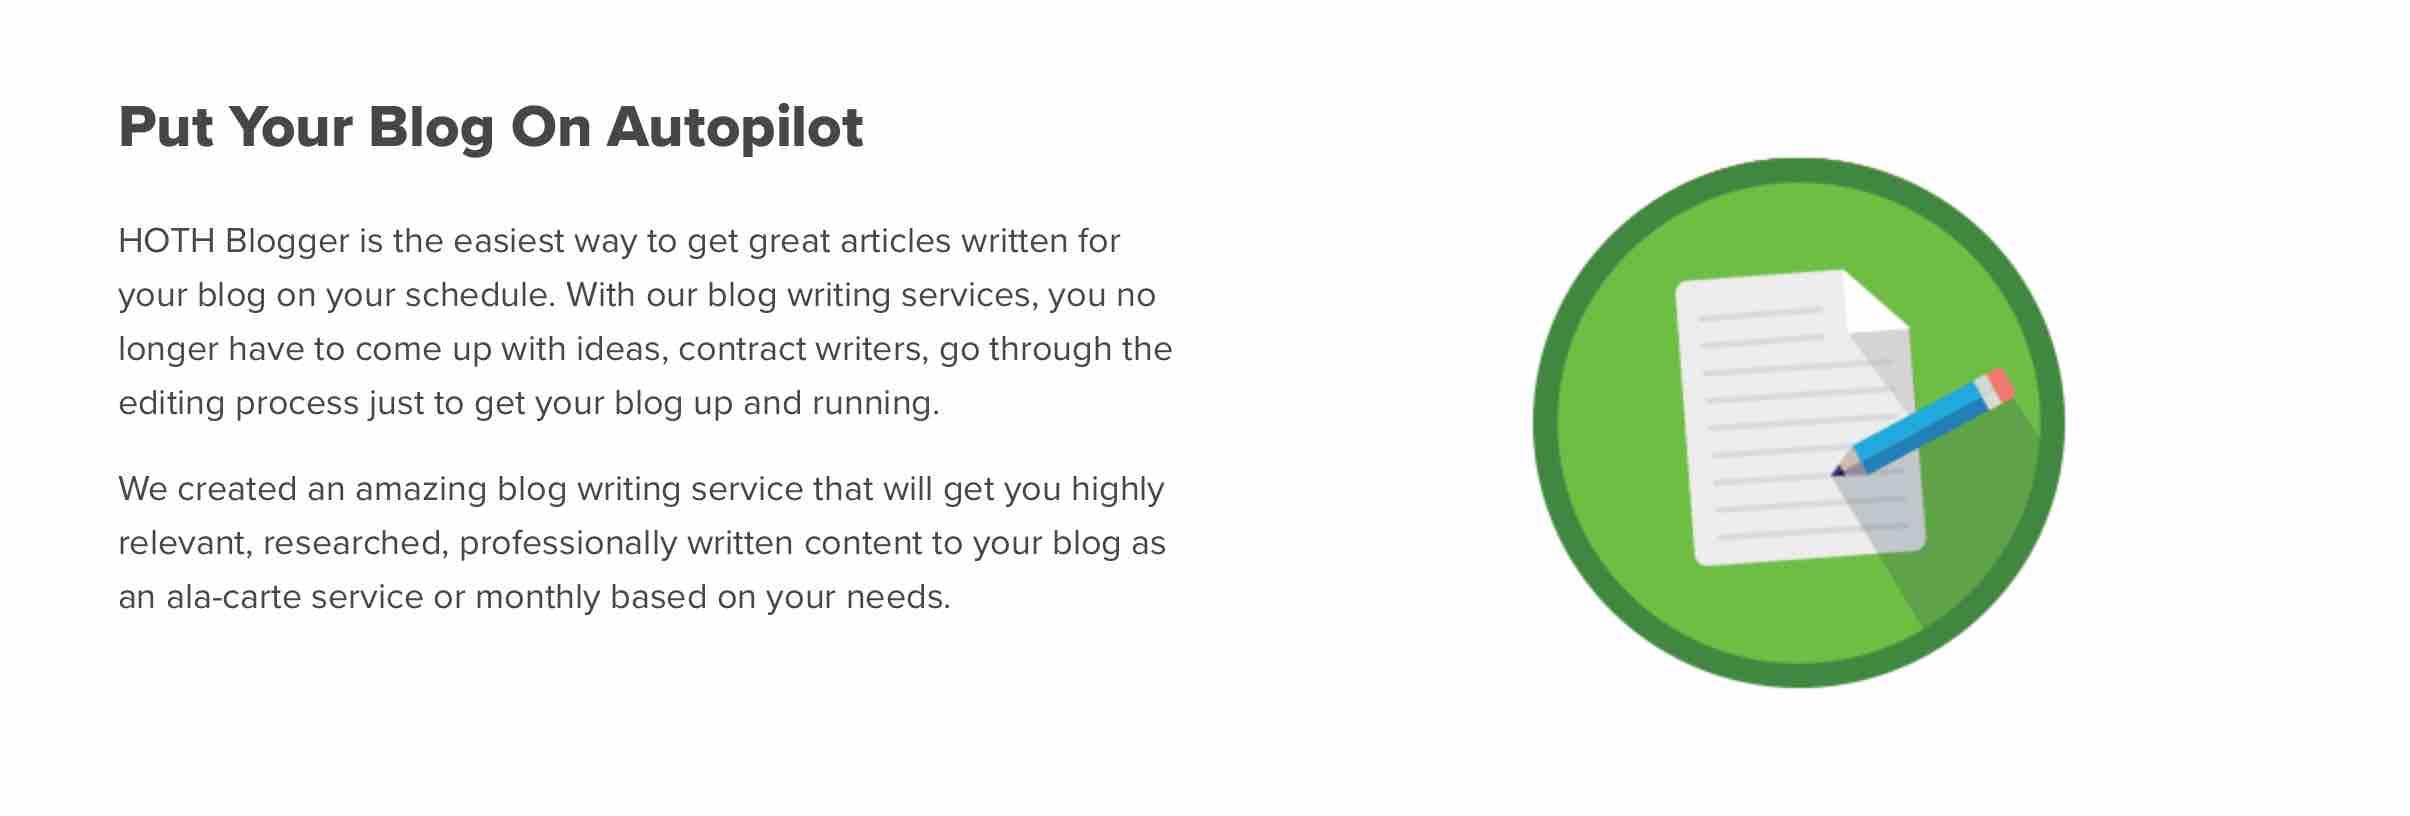 Put Your Blog On Autopilot